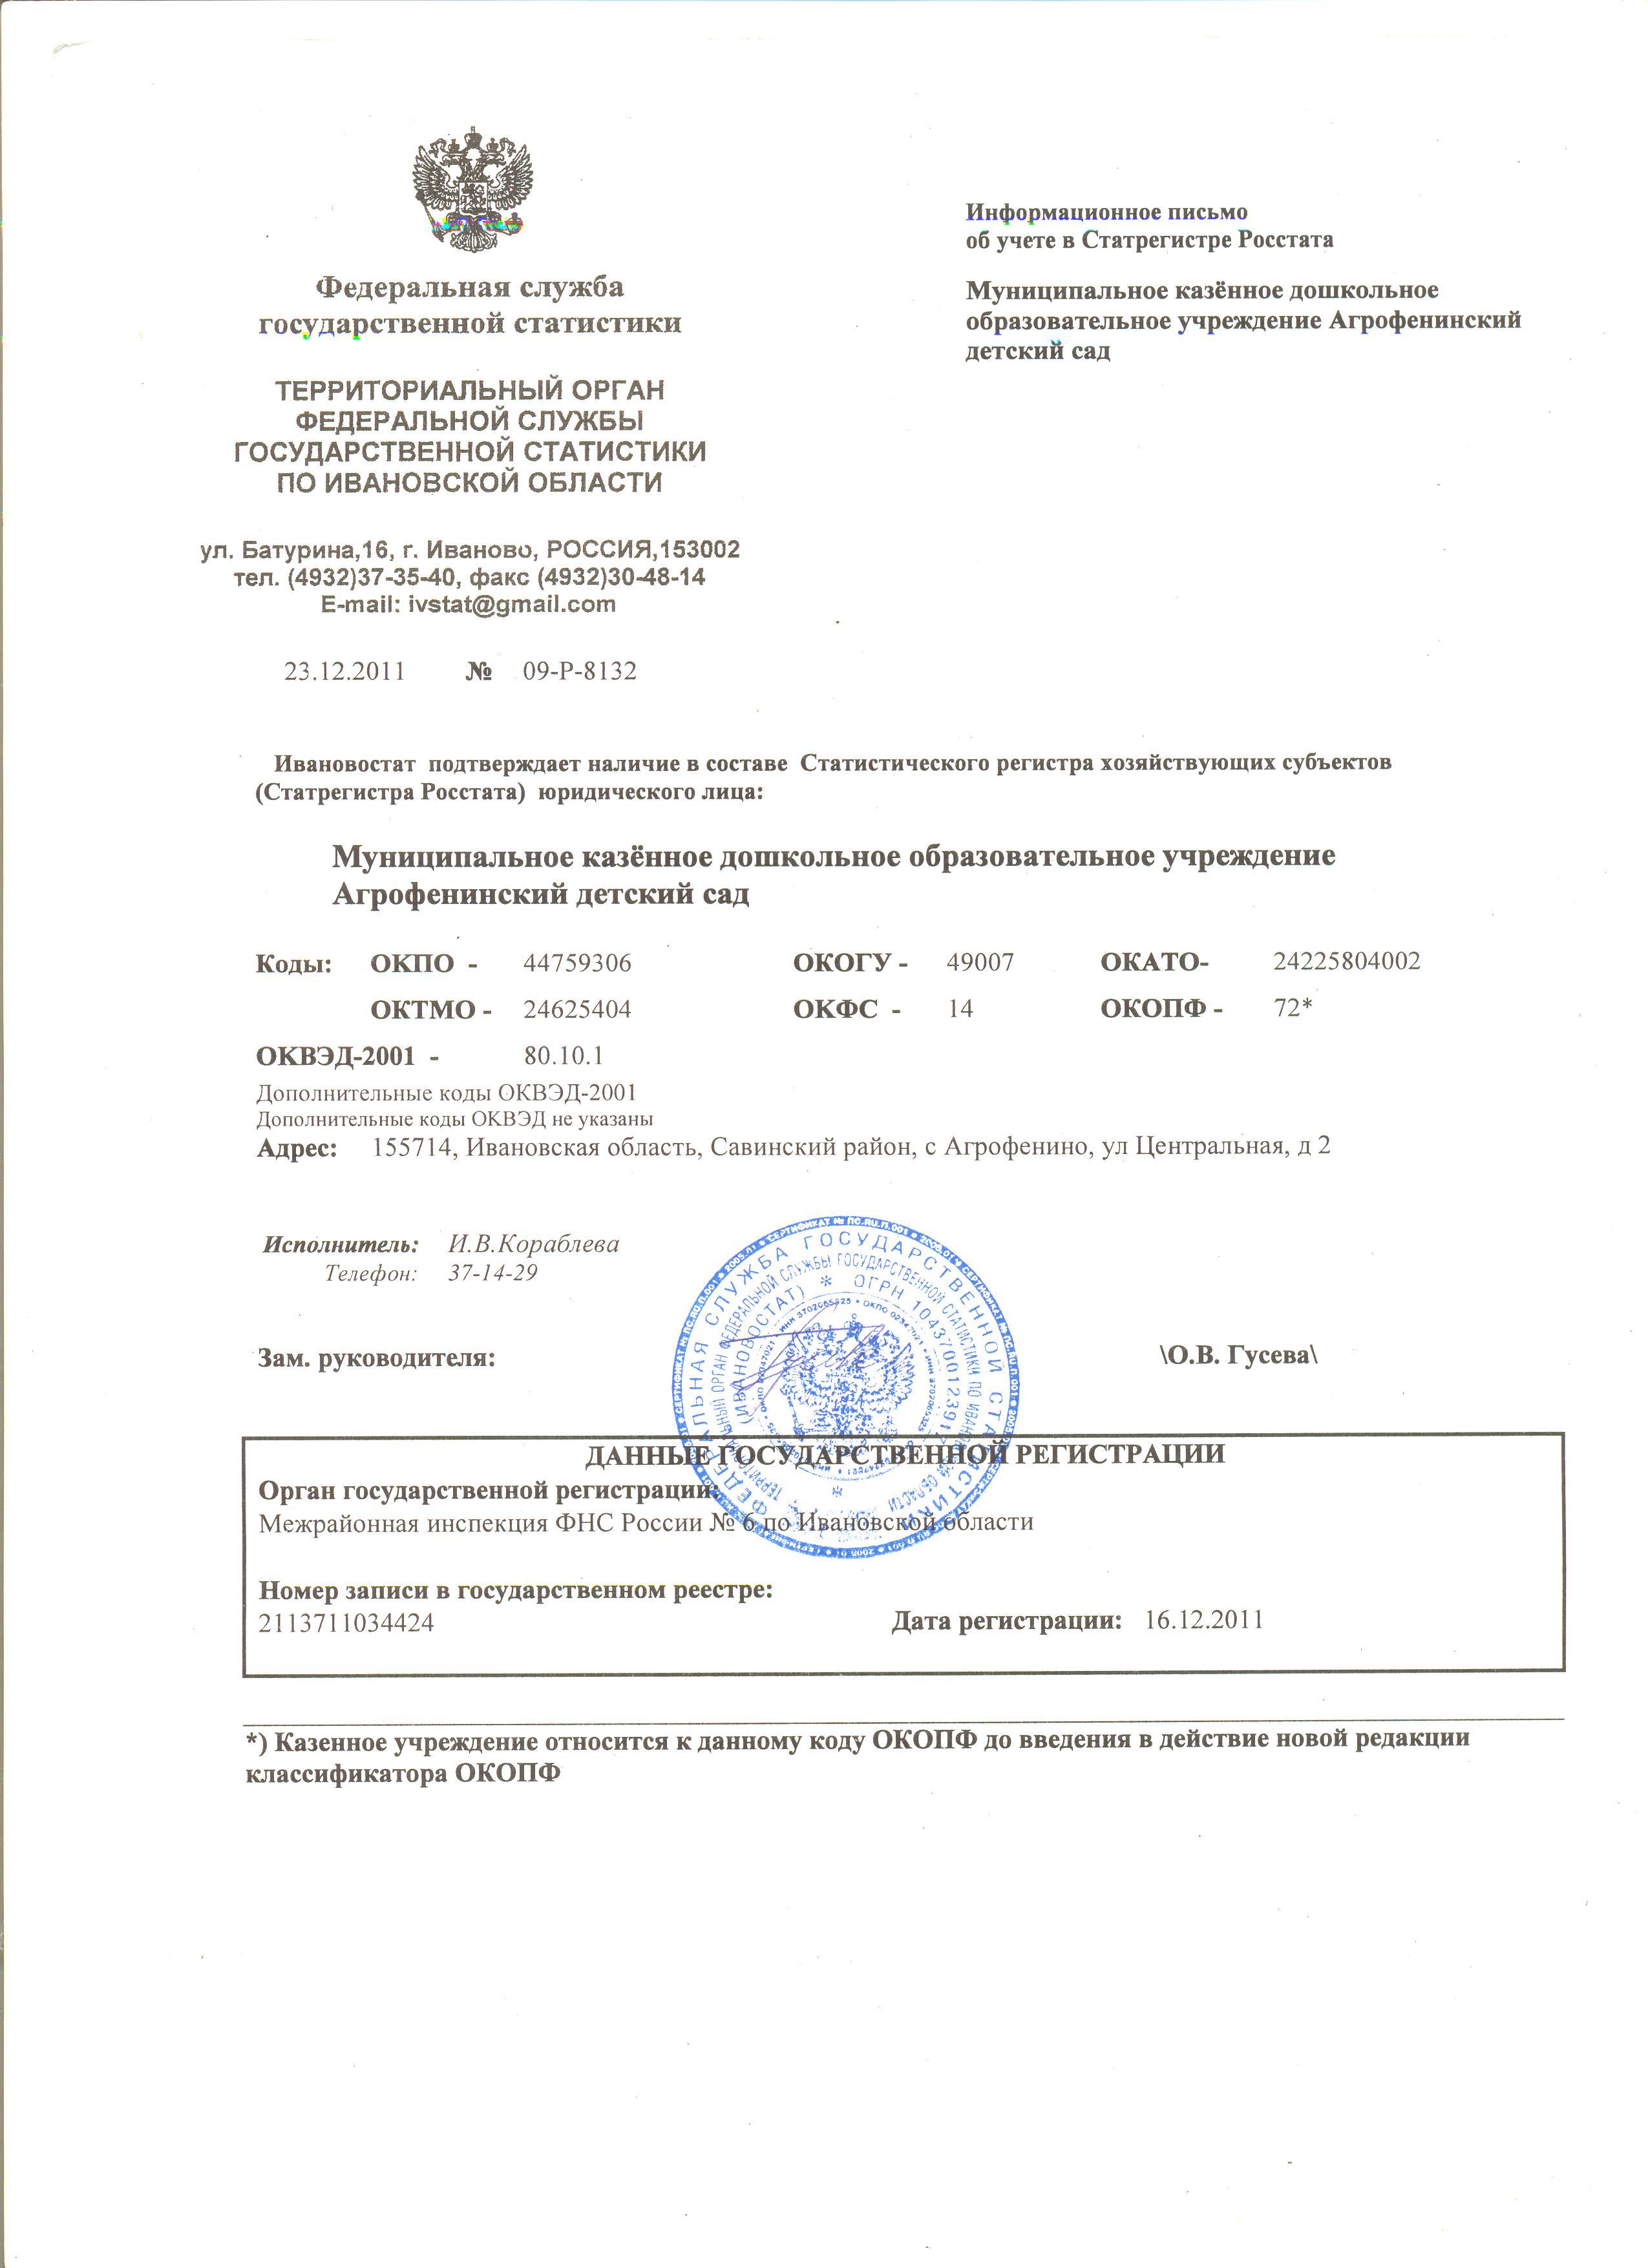 Как получить информационное письмо об учете в егрпо статистика - права россиян